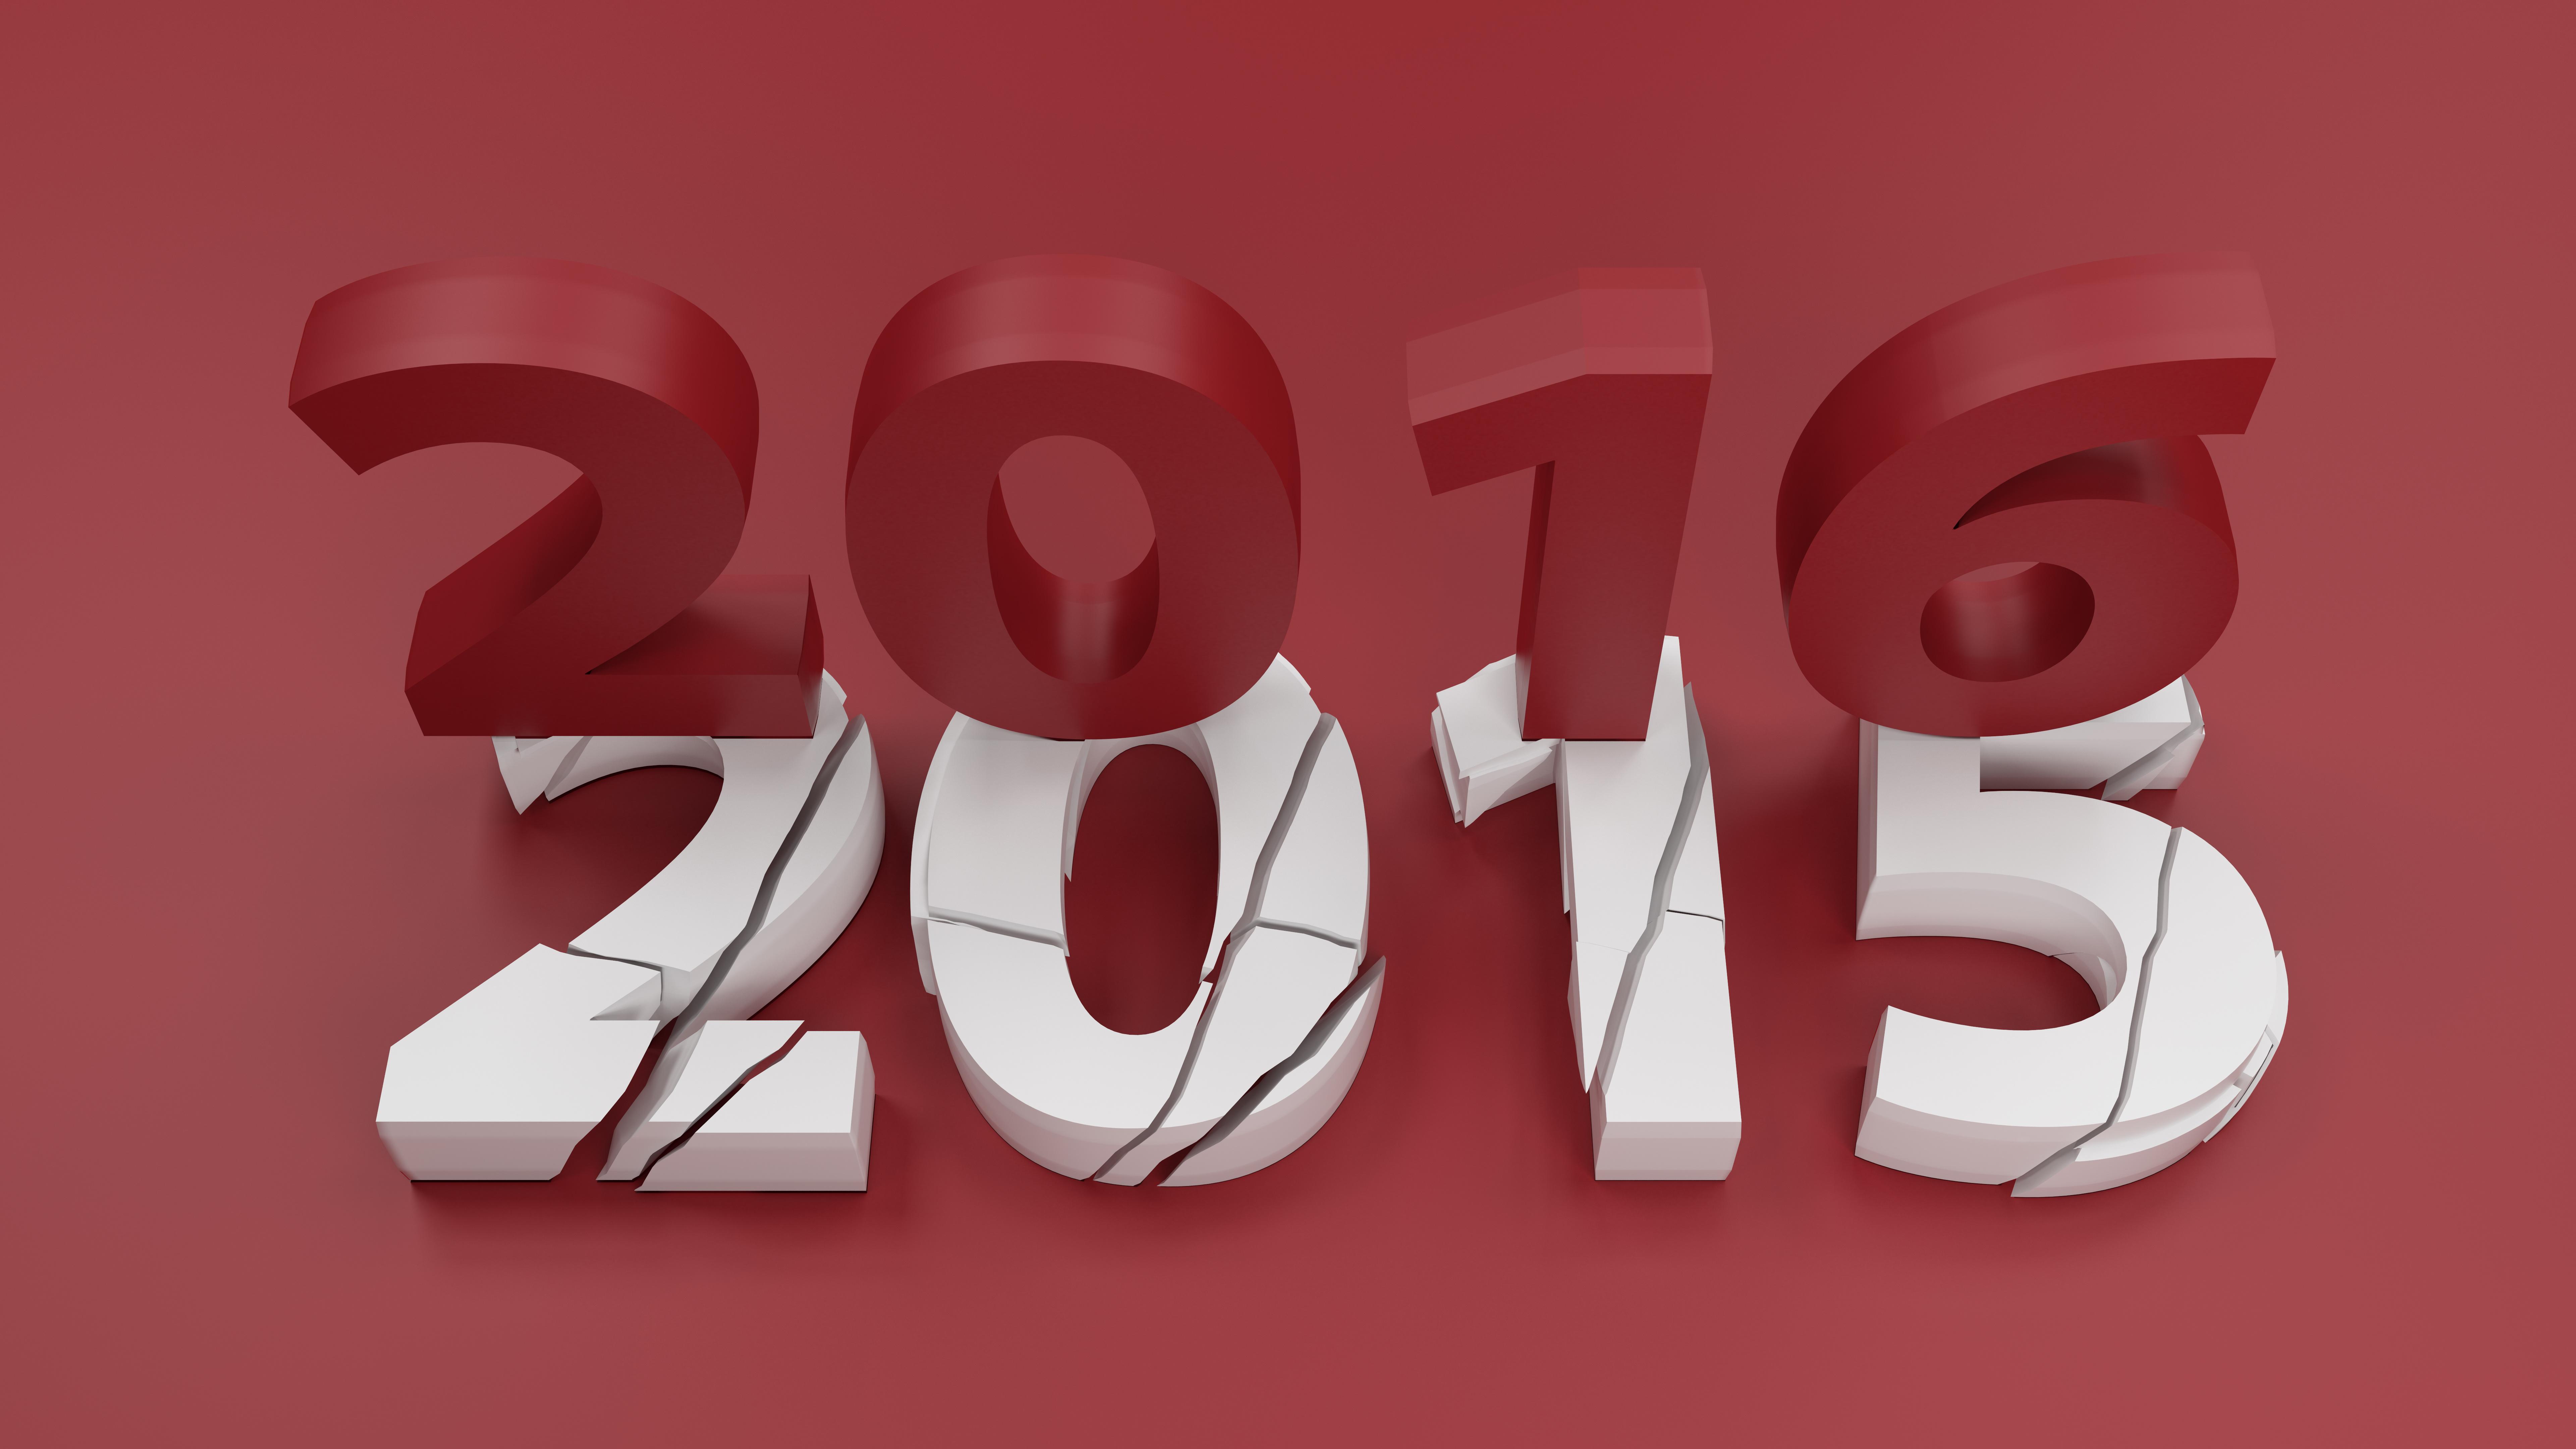 Nouvel an 2016 8k ultra hd fond d 39 cran and arri re plan for Fond ecran hd 2016